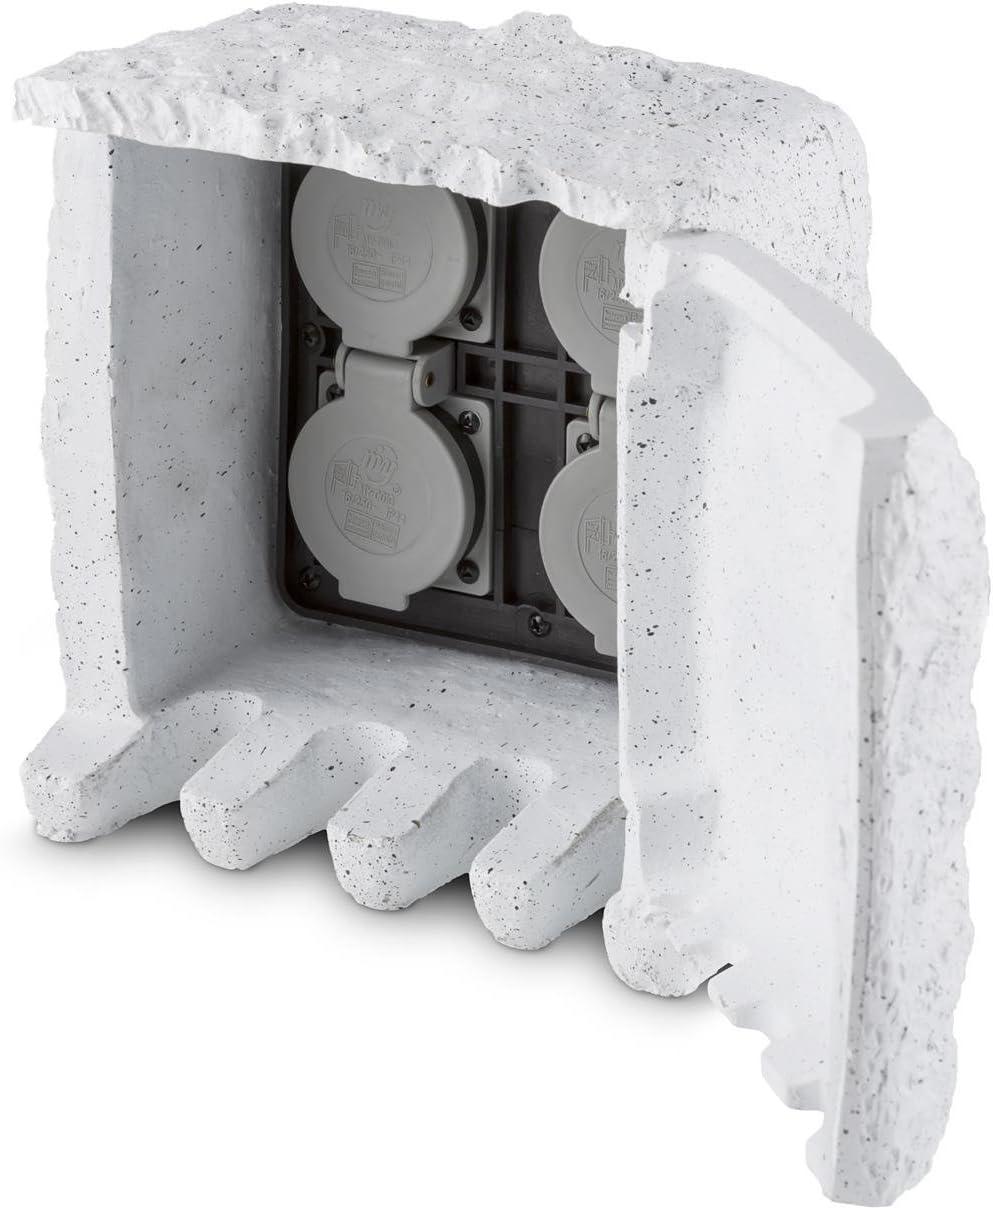 Waldbeck Power Rock Toma de corriente para jard/ín imitaci/ón piedra gris claro 4 cajas de enchufe, 1.5 m de cable, resistente a salpicaduras